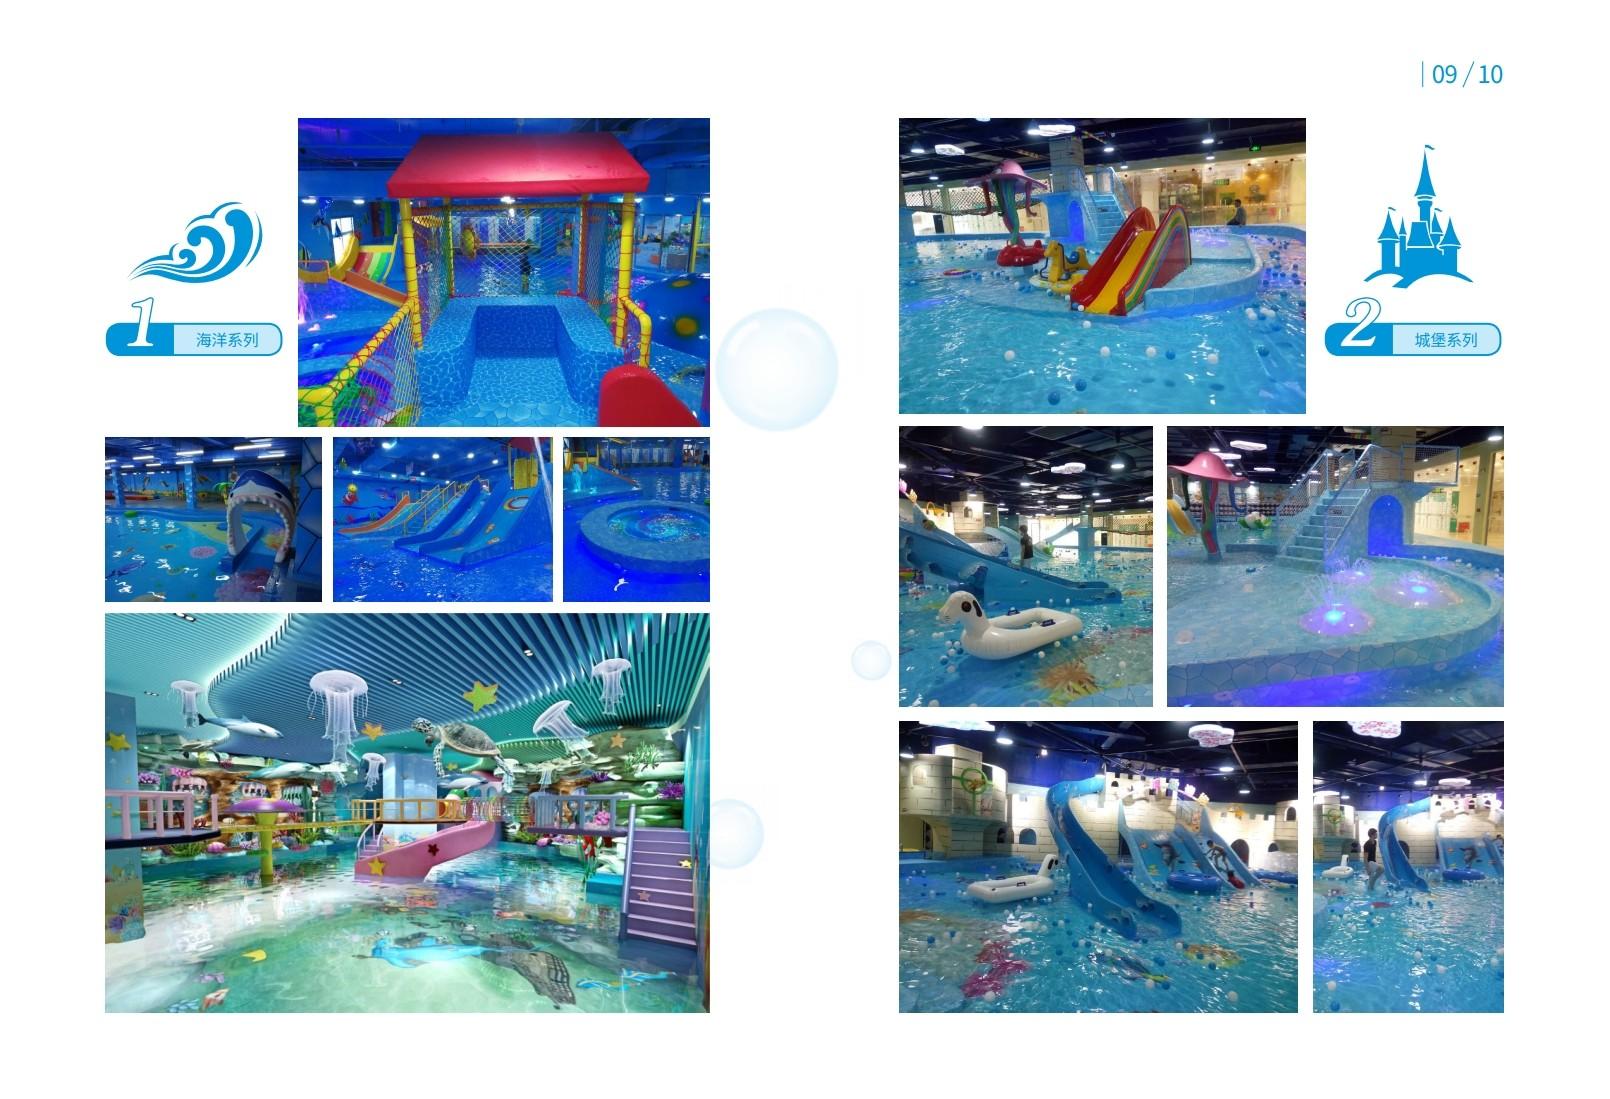 恒温水乐园水上乐园系列